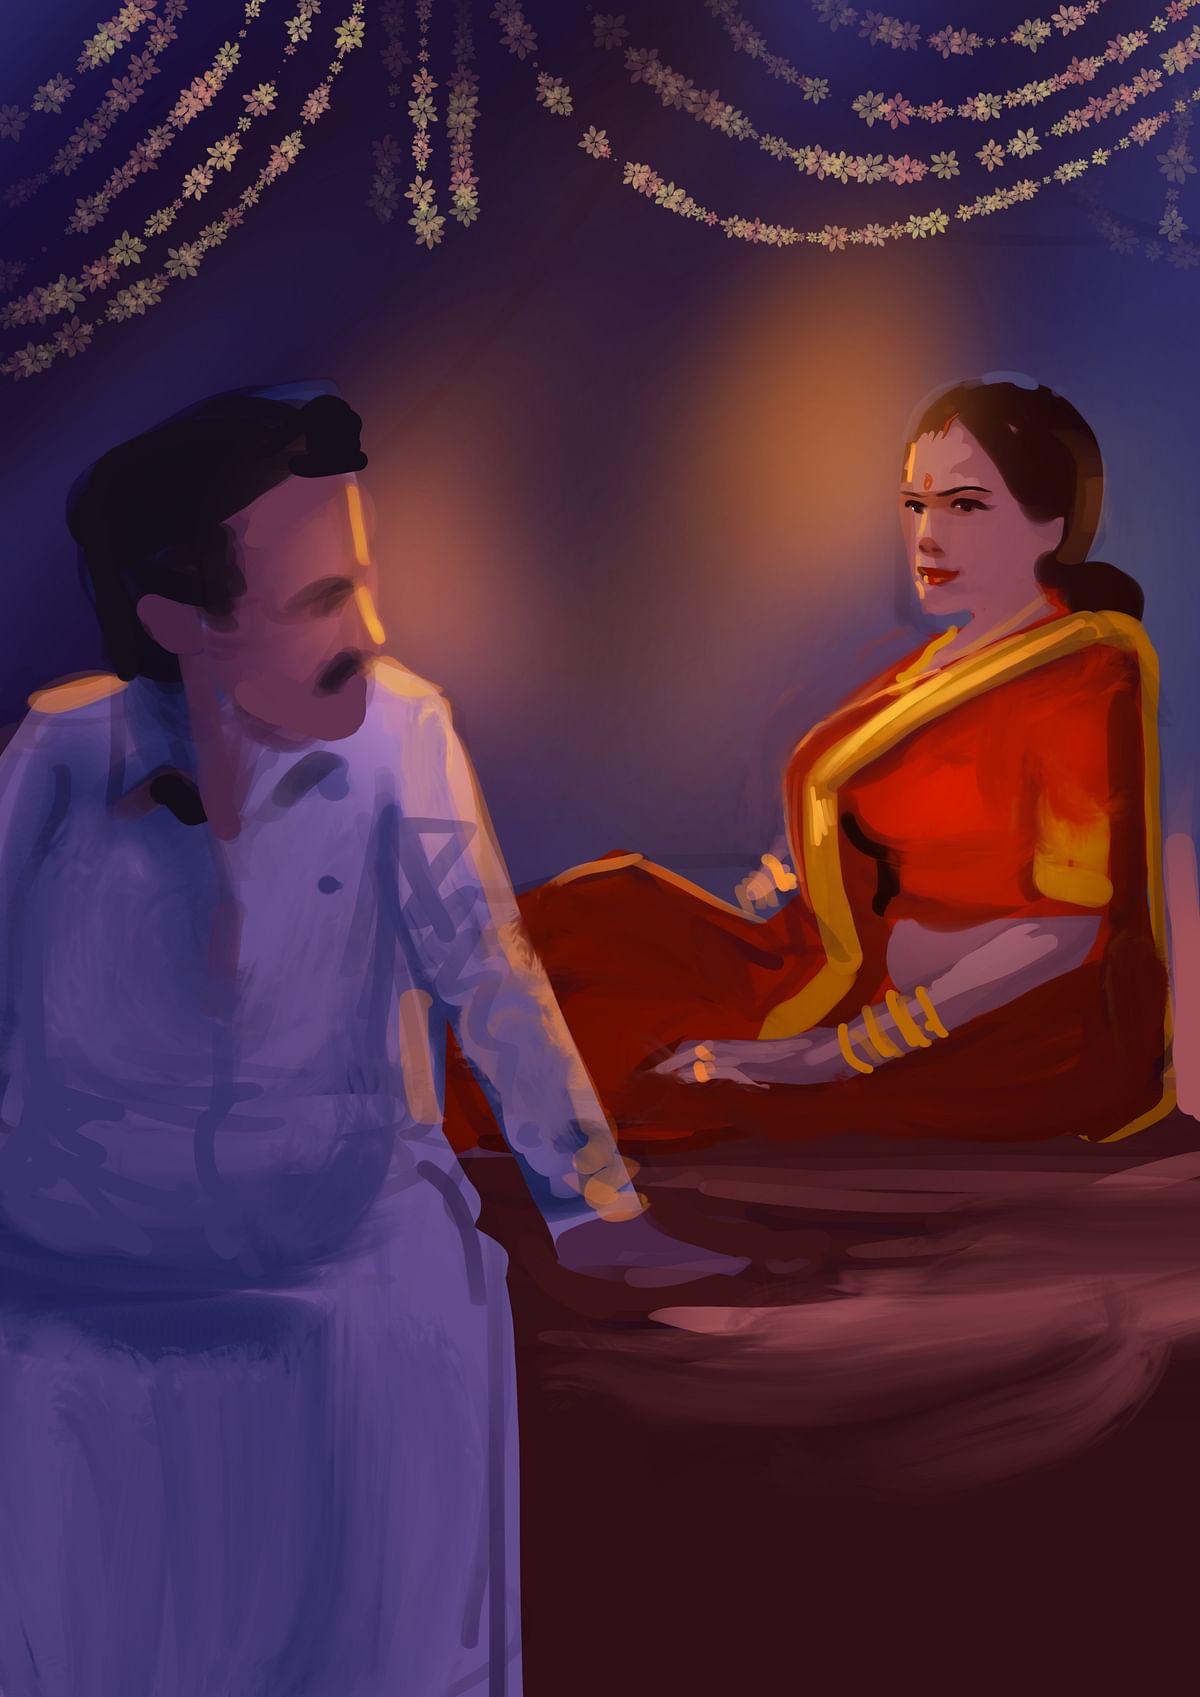 அநீதி ஆந்தாலஜி கதைகள் - 3